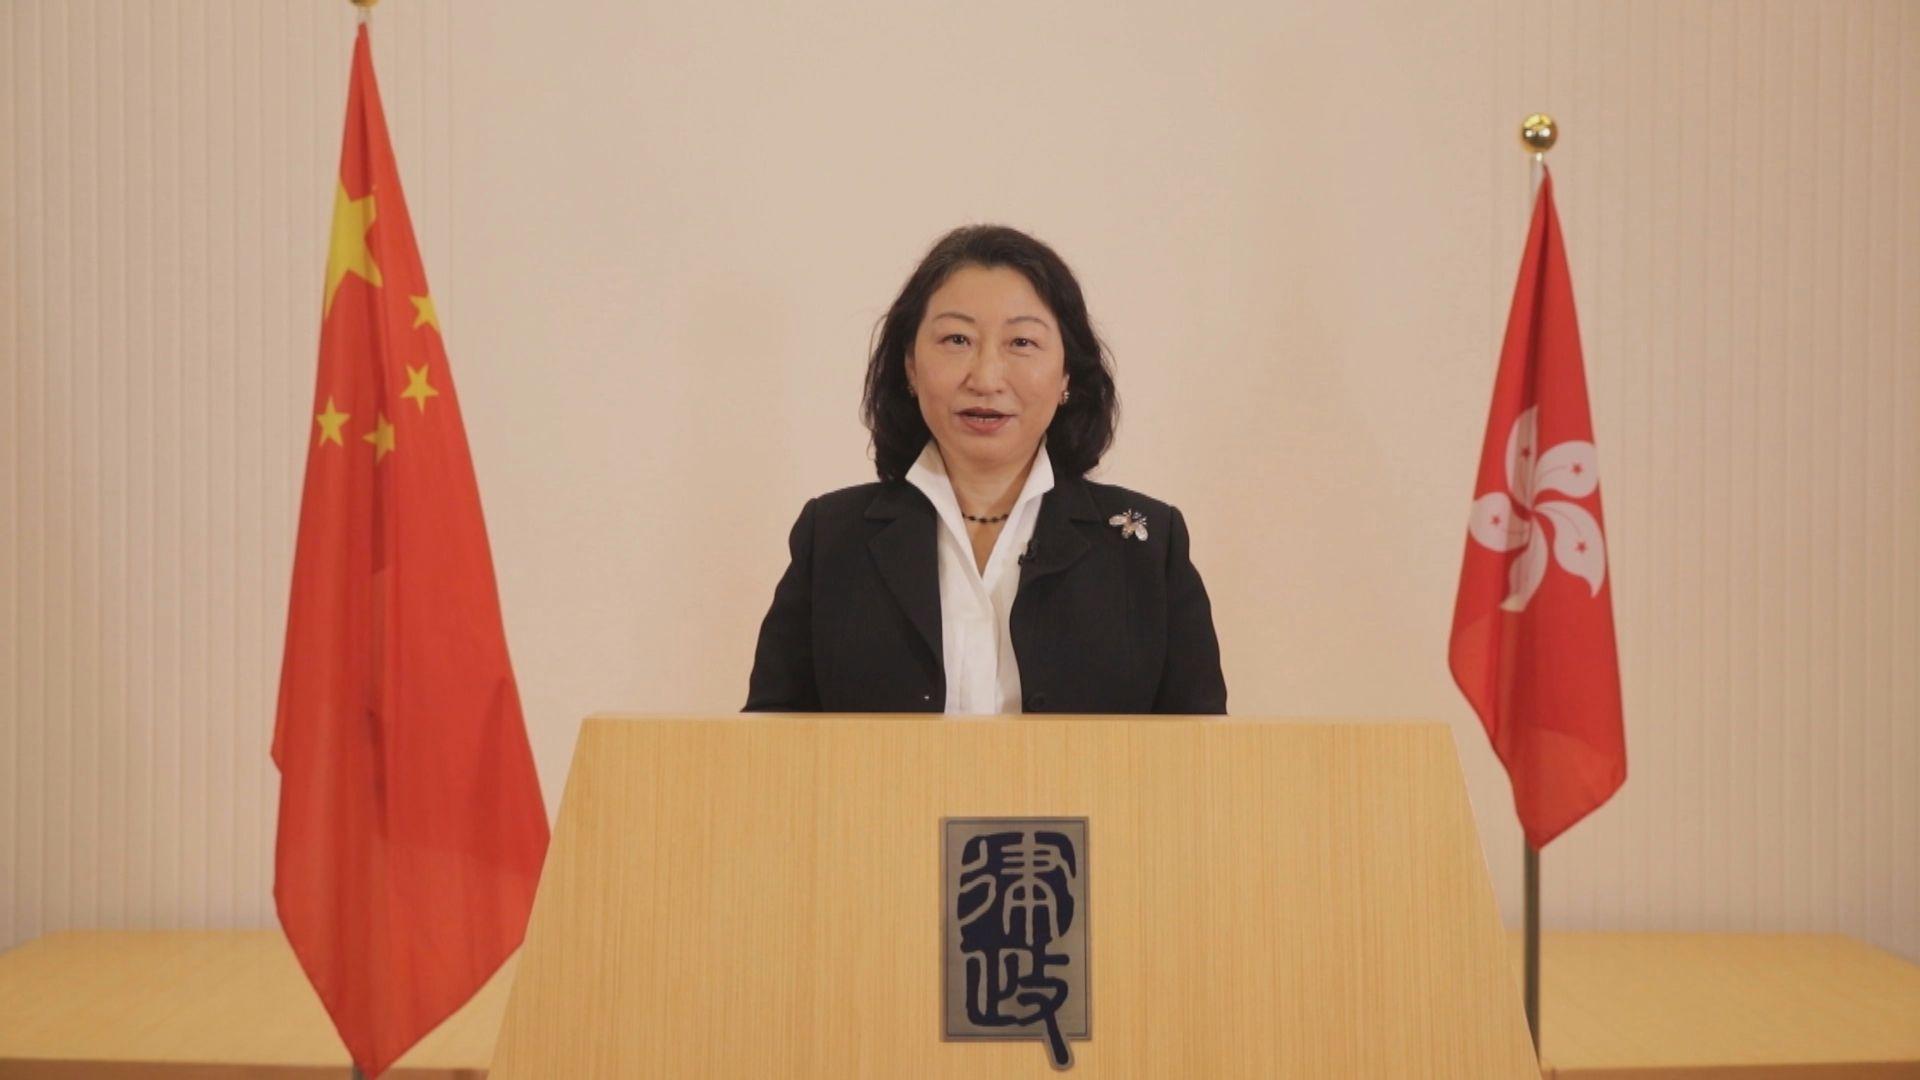 鄭若驊在聯合國人權理事會視像發言